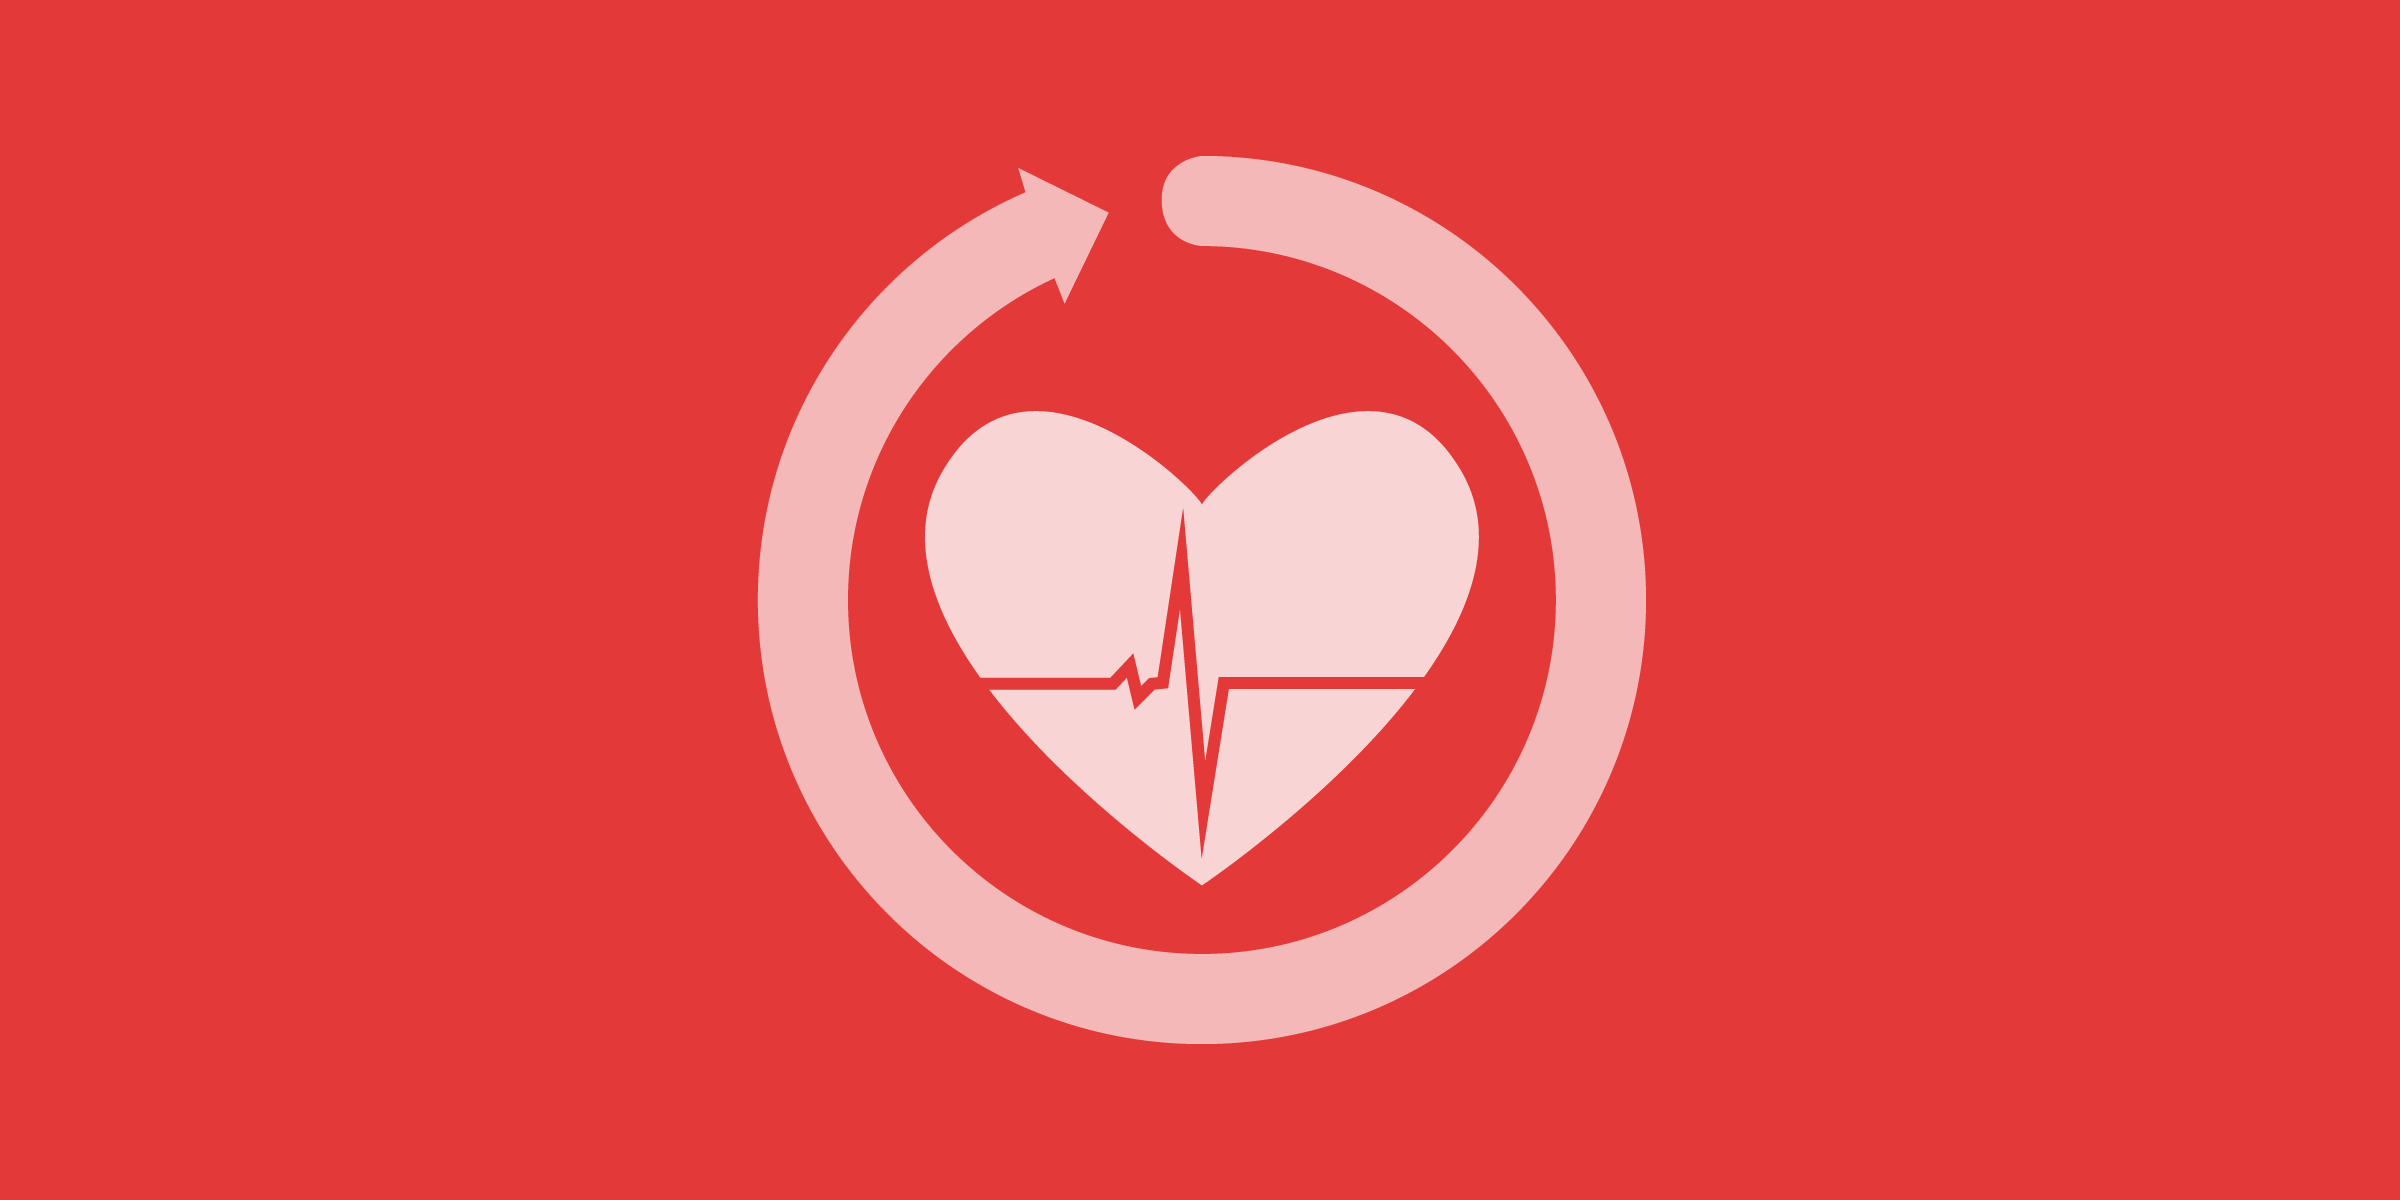 Defibrillatori semiautomatici esterni e BLSD (Regione Campania) – Accreditamento alla formazione